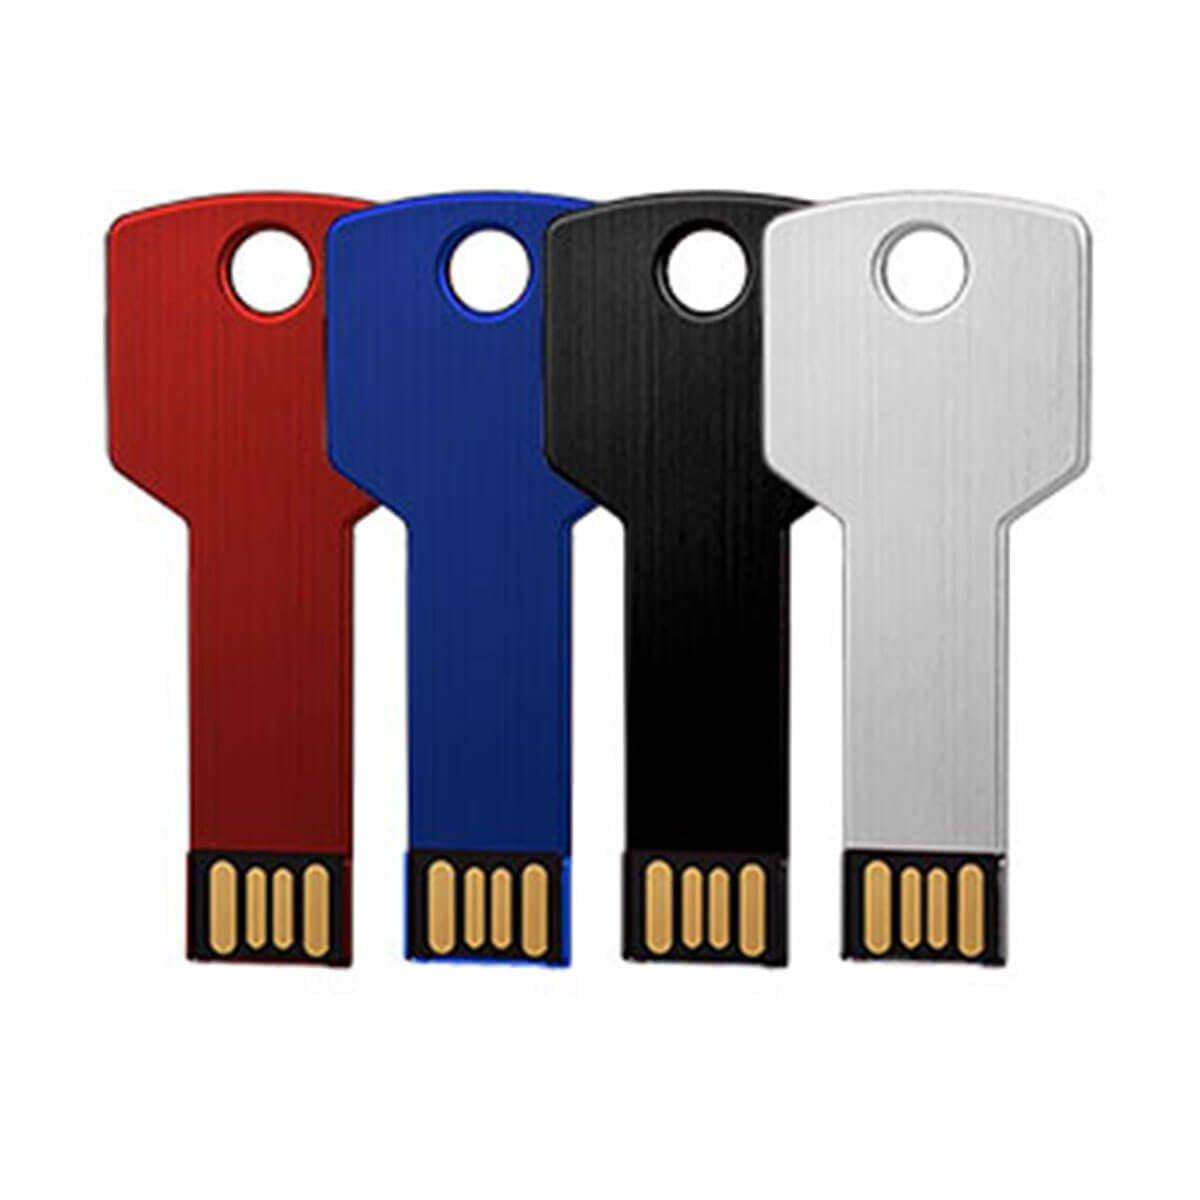 Key USB – Silver-Silver